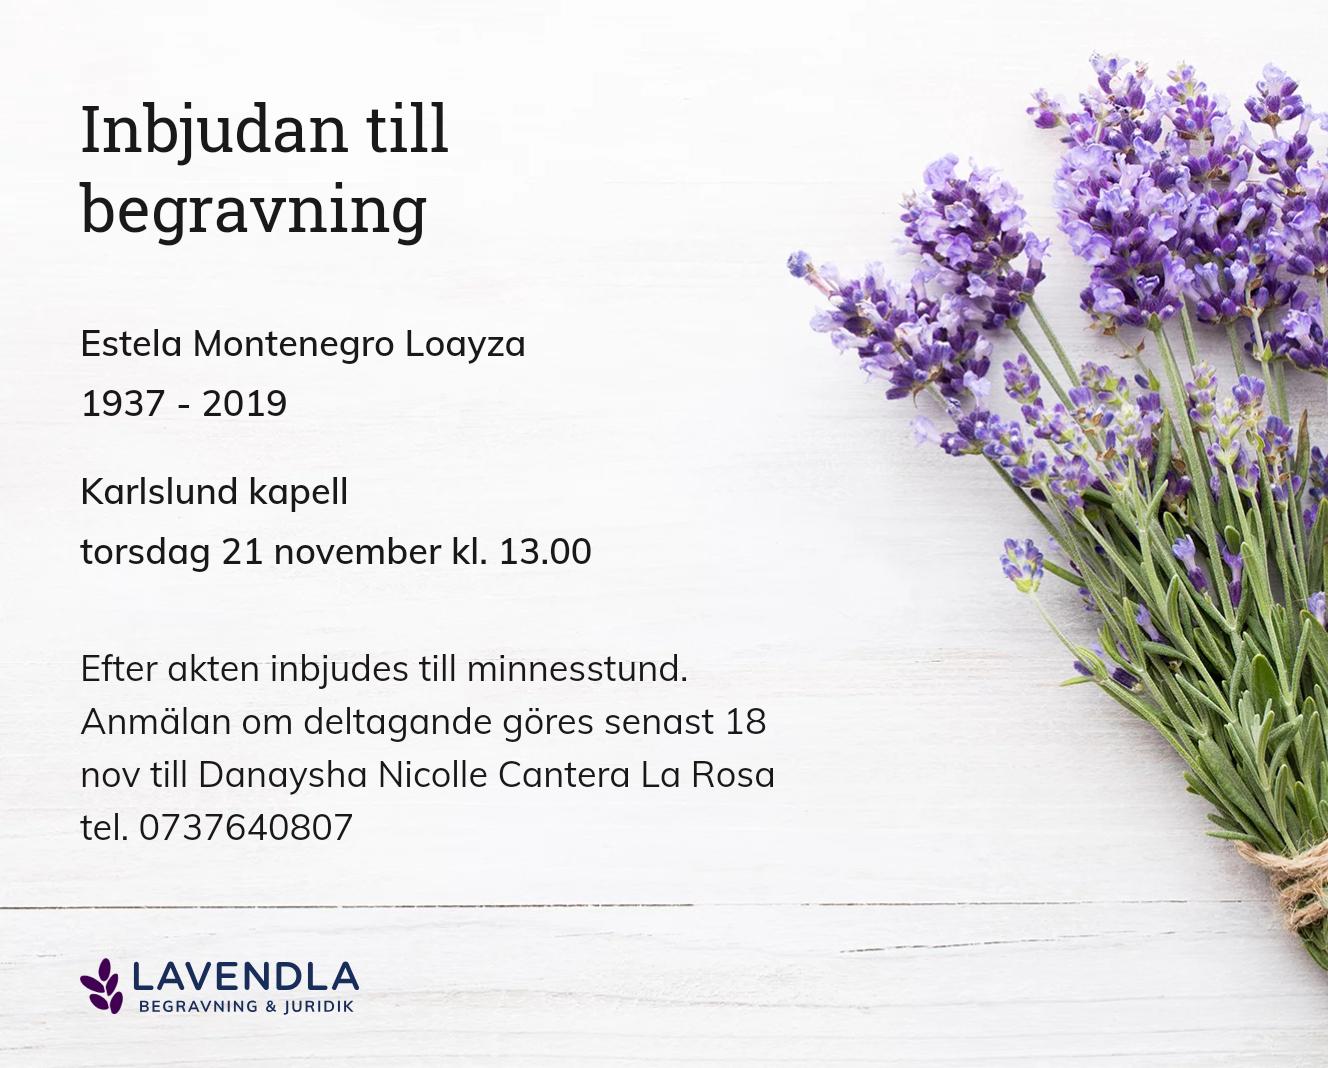 Inbjudningskort till ceremonin för Estela Montenegro Loayza